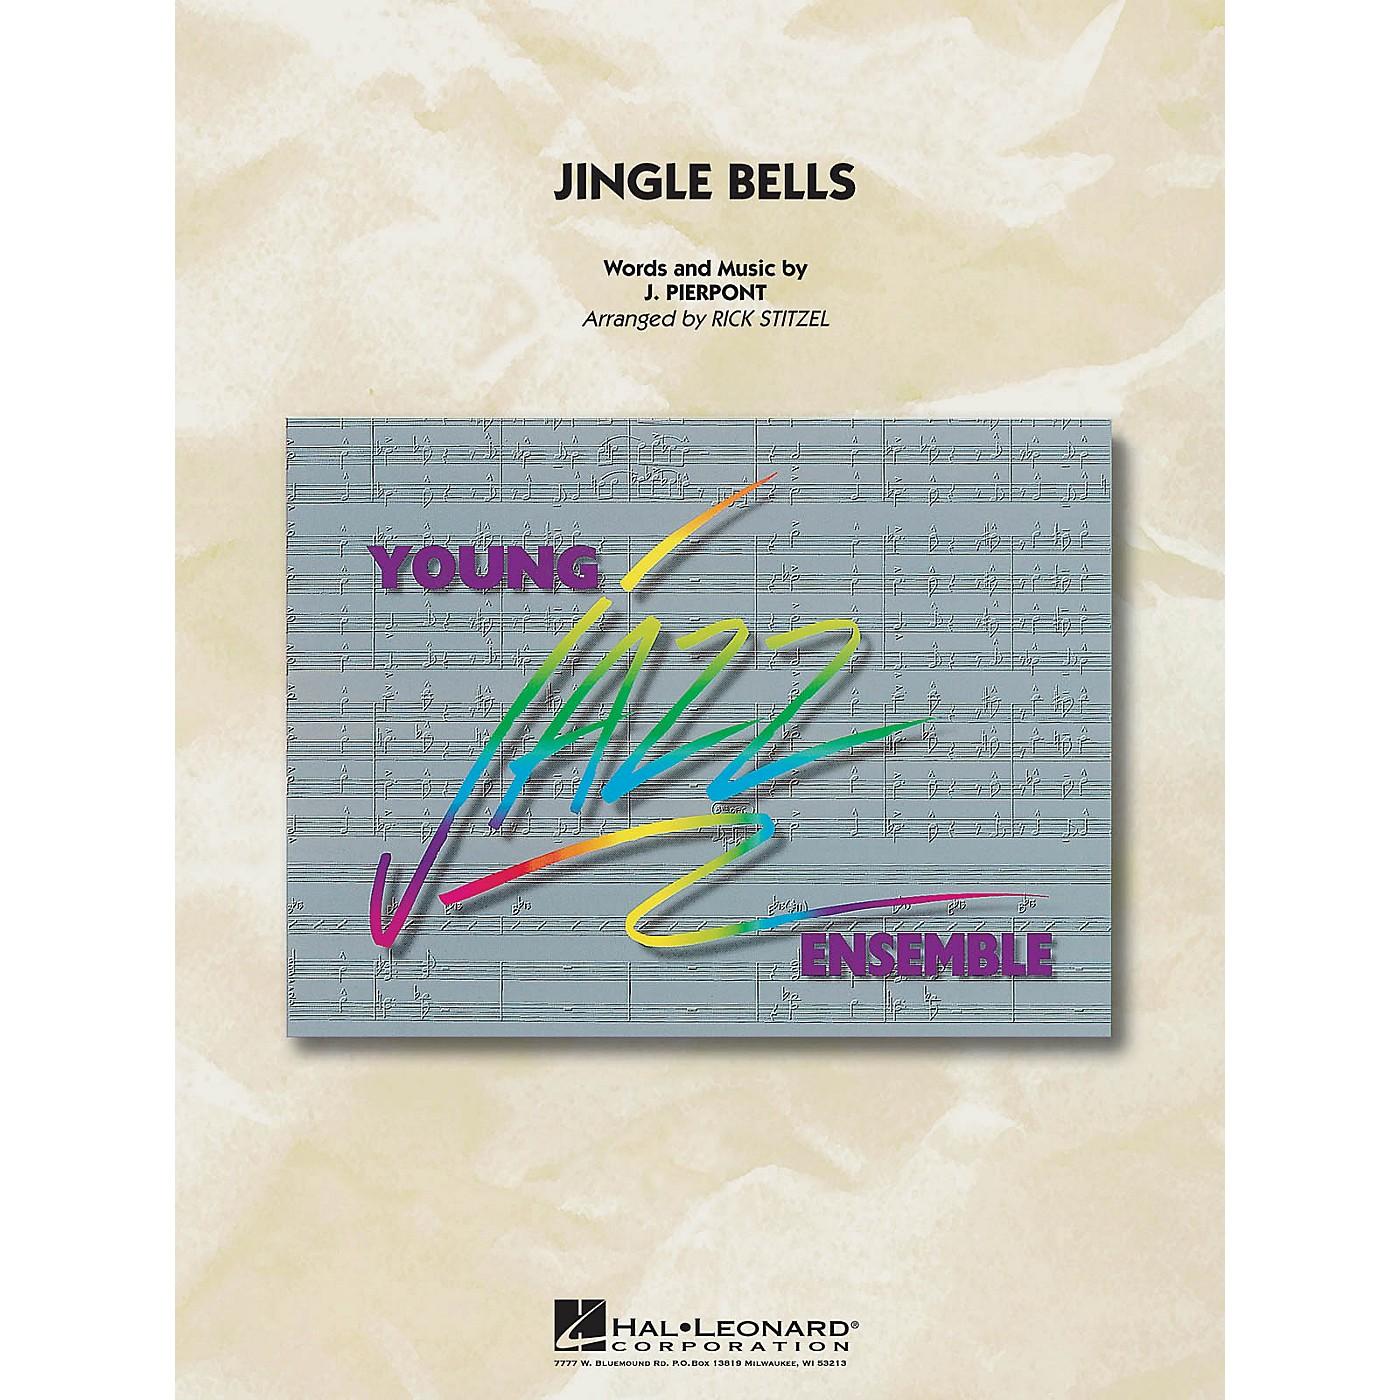 Hal Leonard Jingle Bells Jazz Band Level 3 Arranged by Rick Stitzel thumbnail